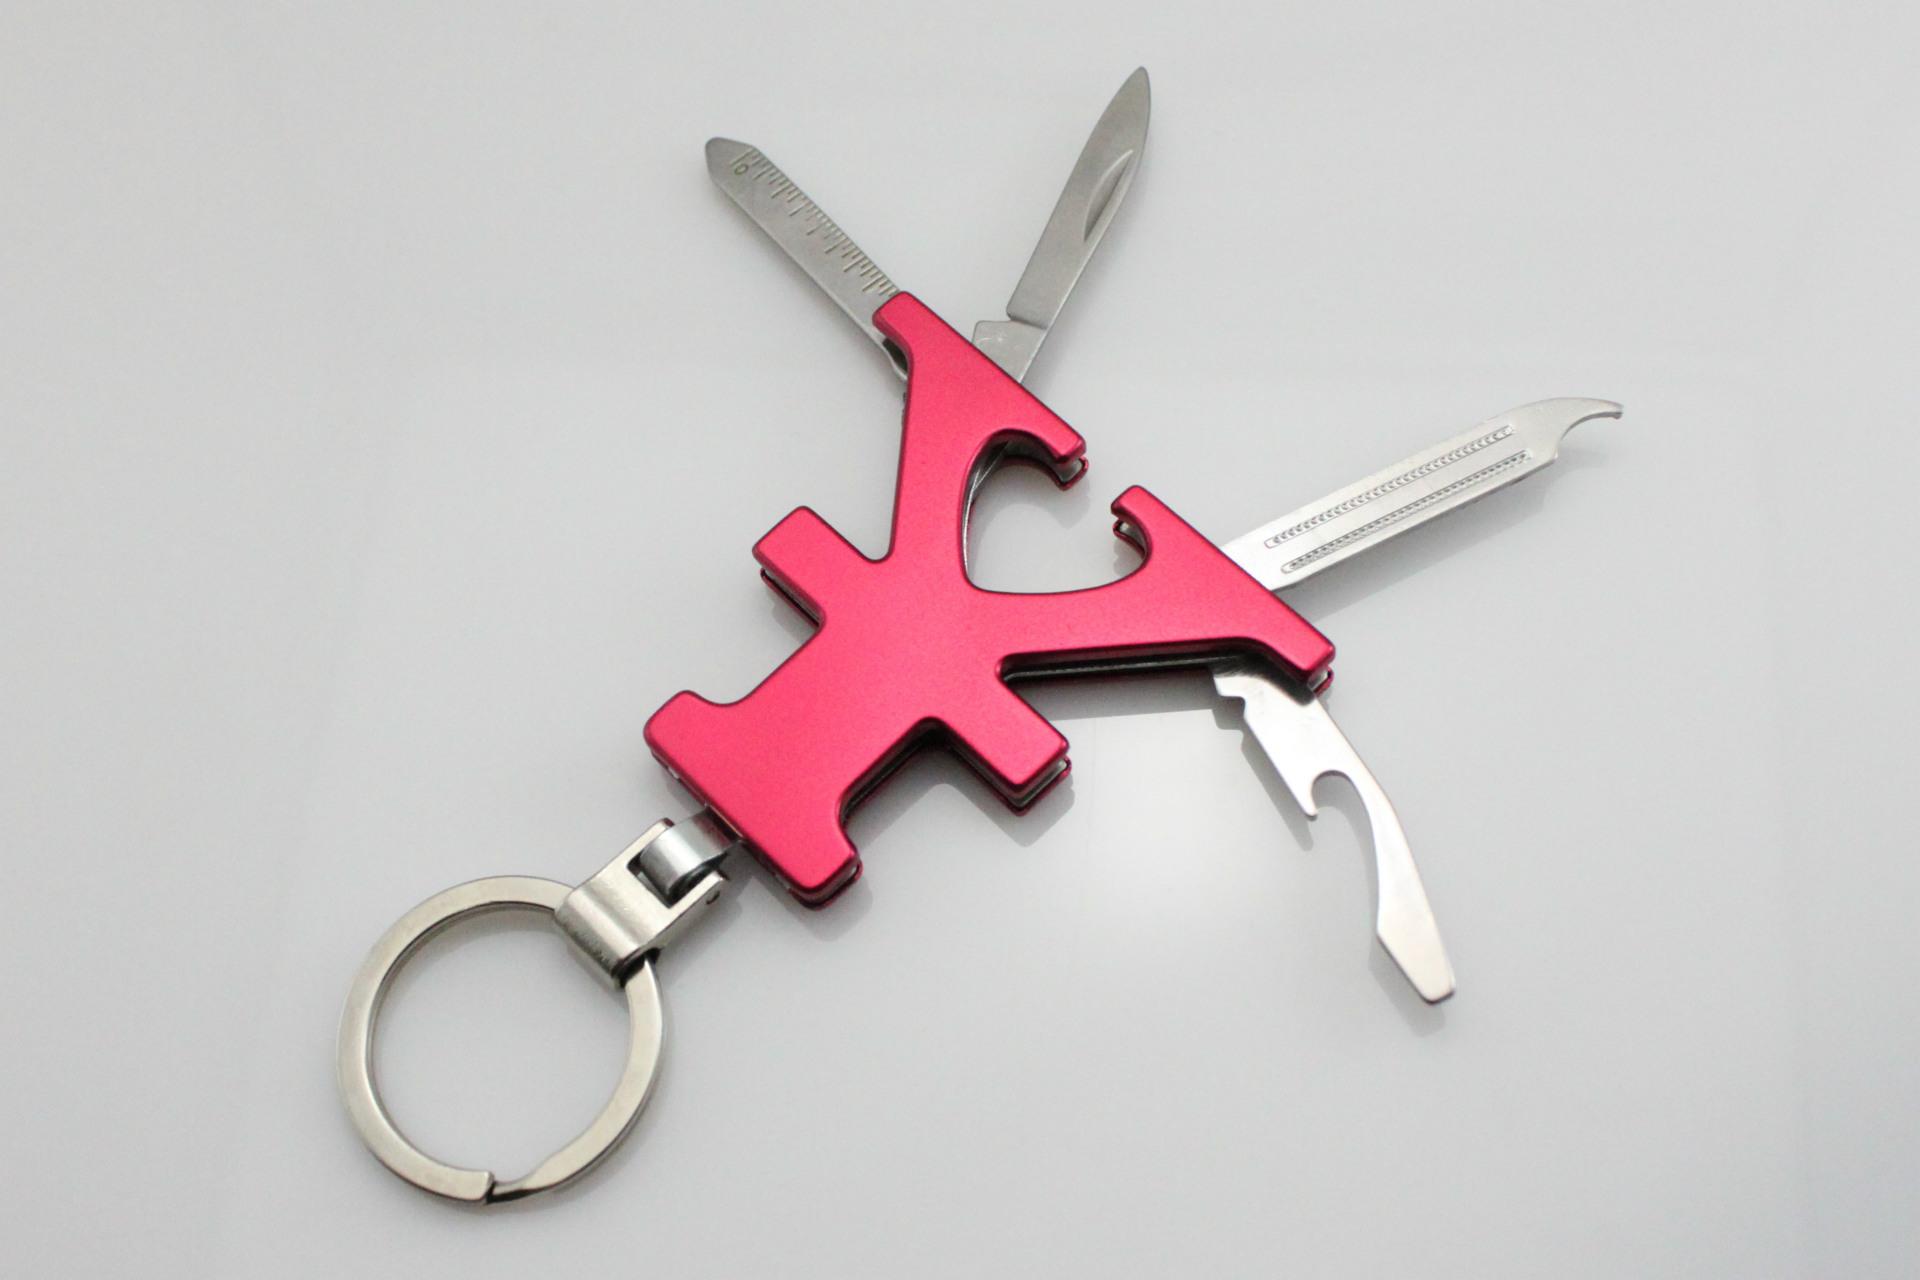 人民币符号礼品小刀 多功能广告促销赠品小刀 多用钥匙扣小刀图片